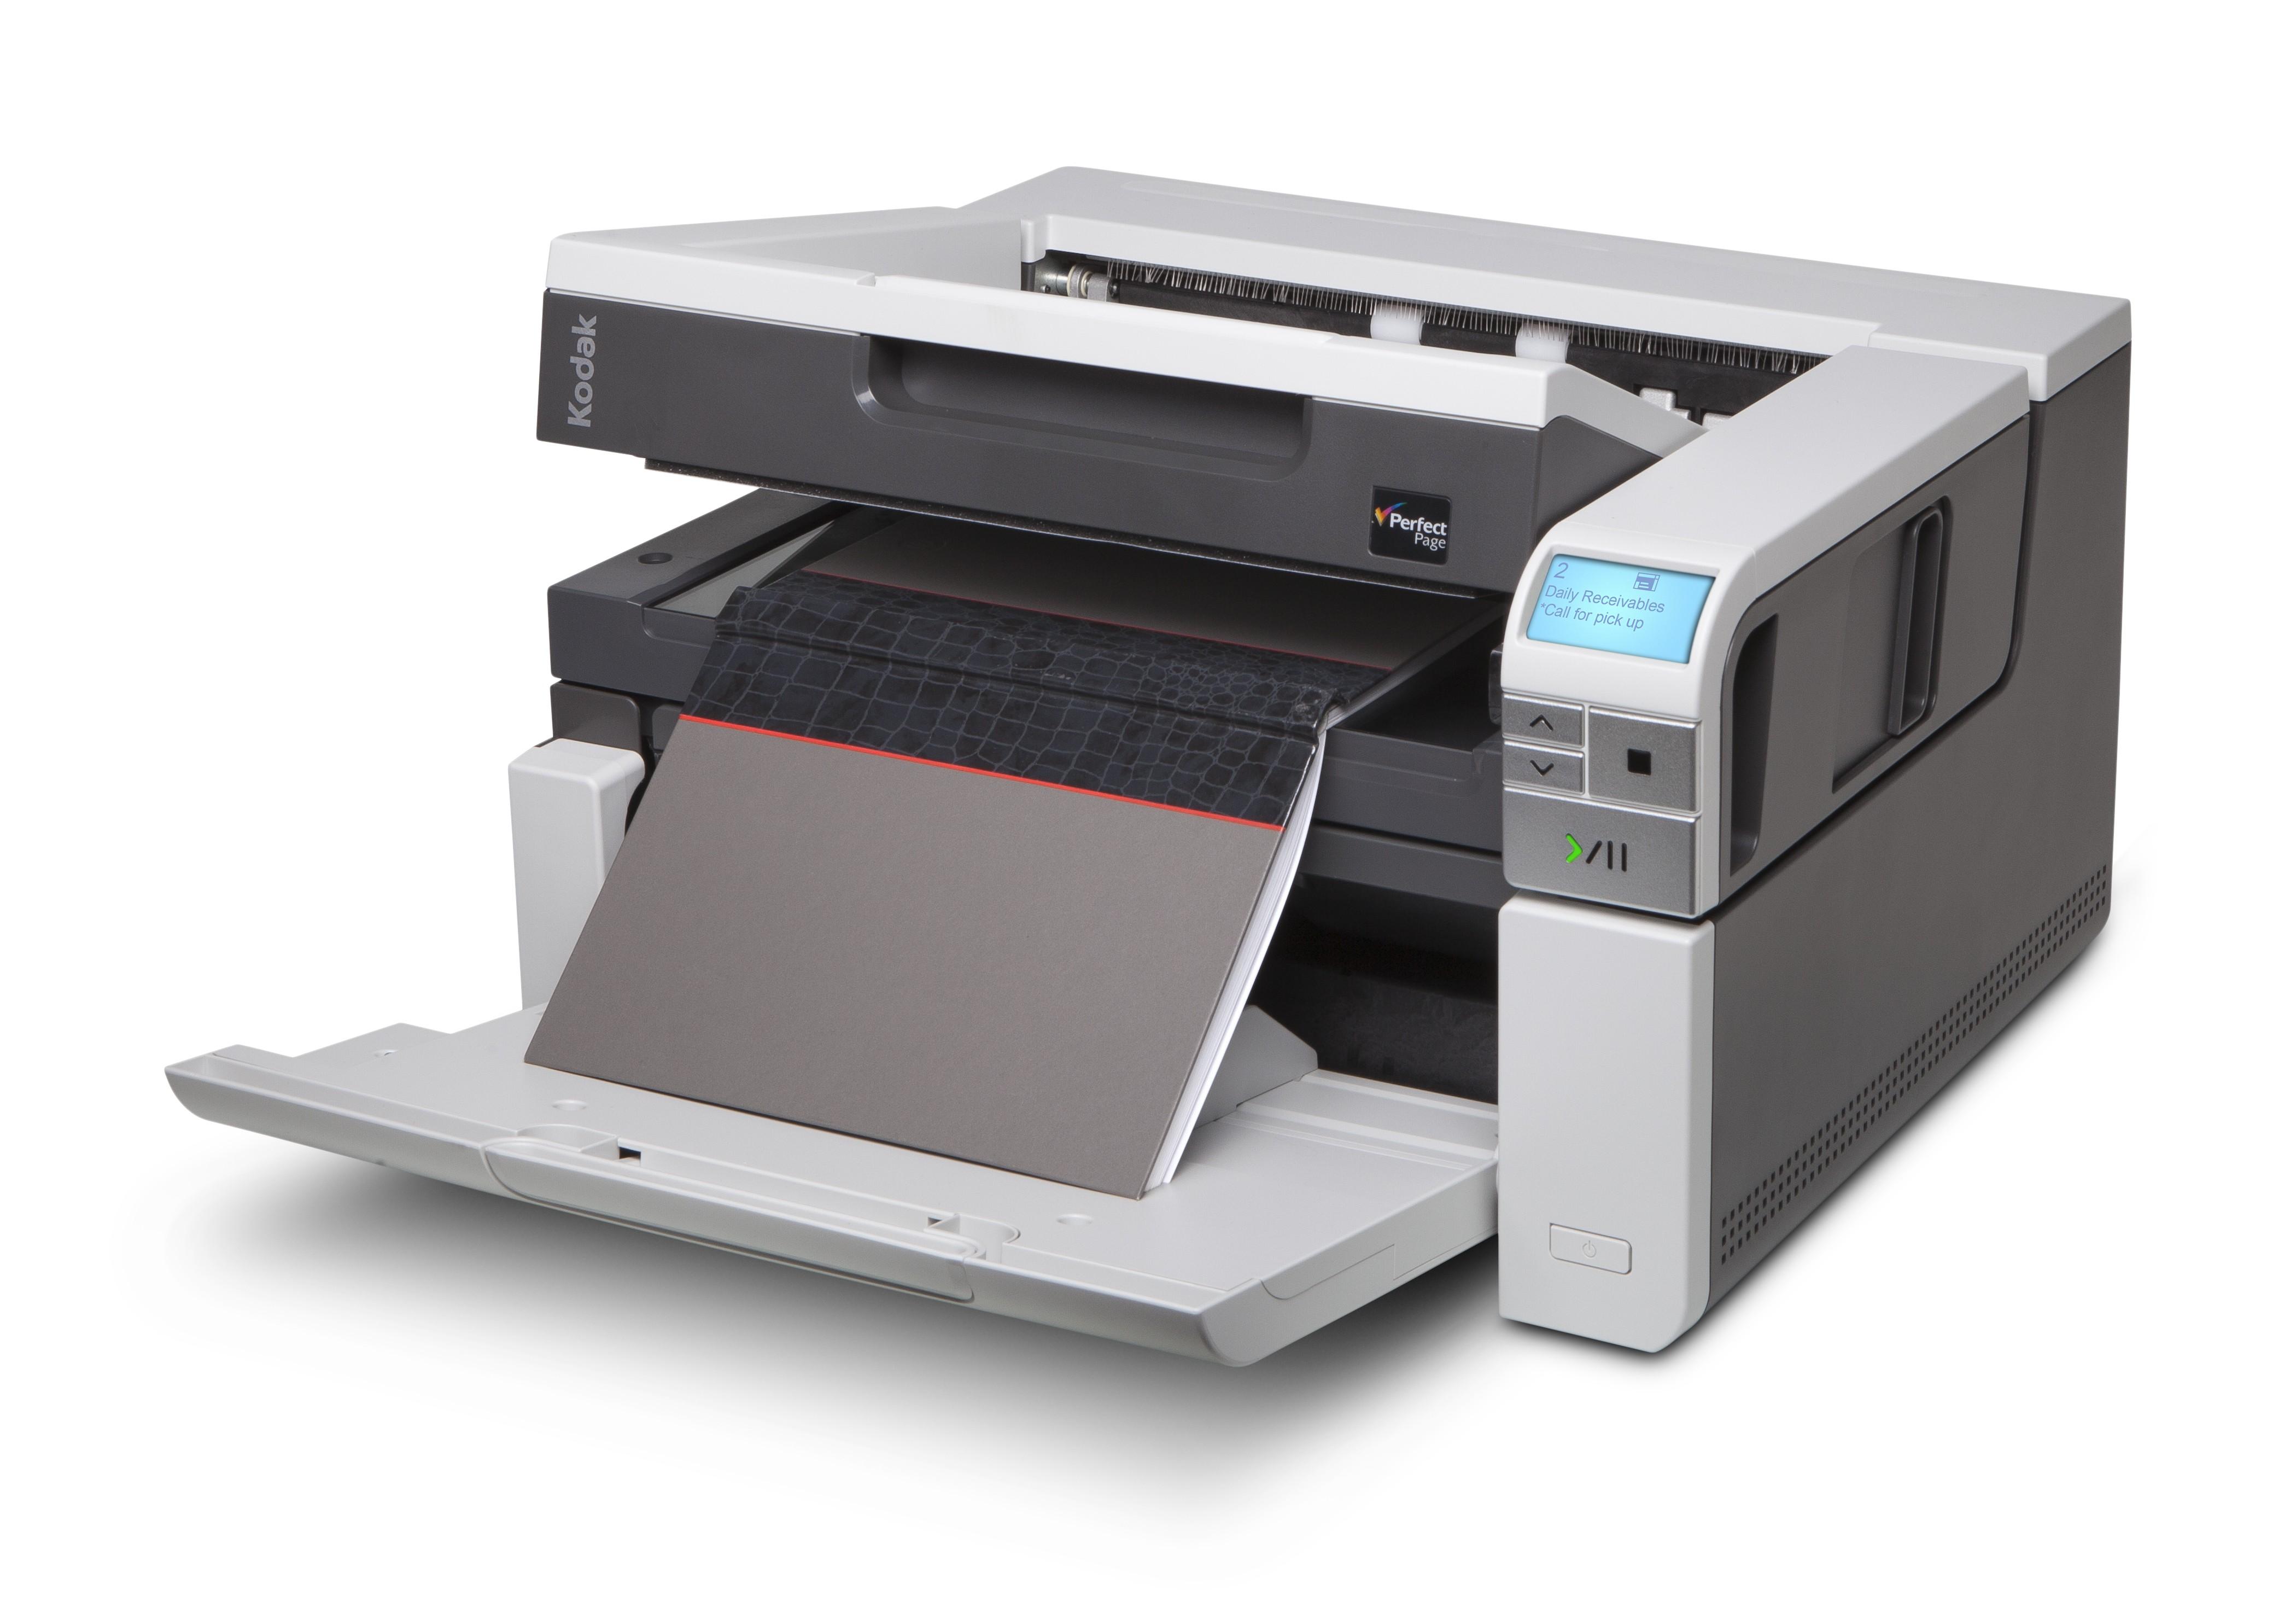 i3250 - Kodak Alaris ra mắt máy quét thông minh thế hệ mới